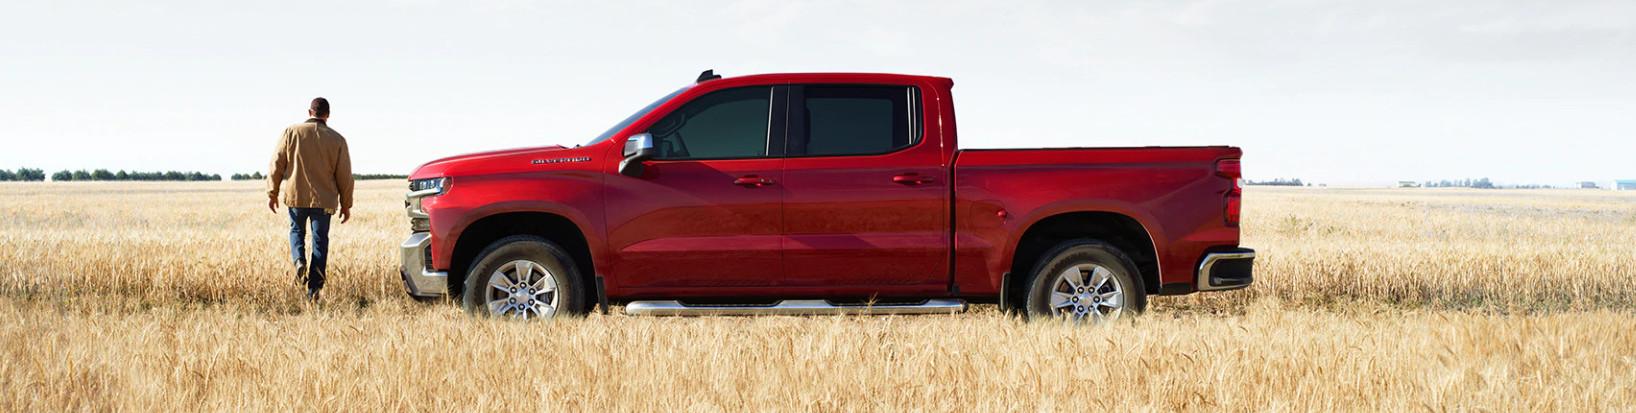 2020 Chevrolet Silverado 1500 for Sale near Denton, TX